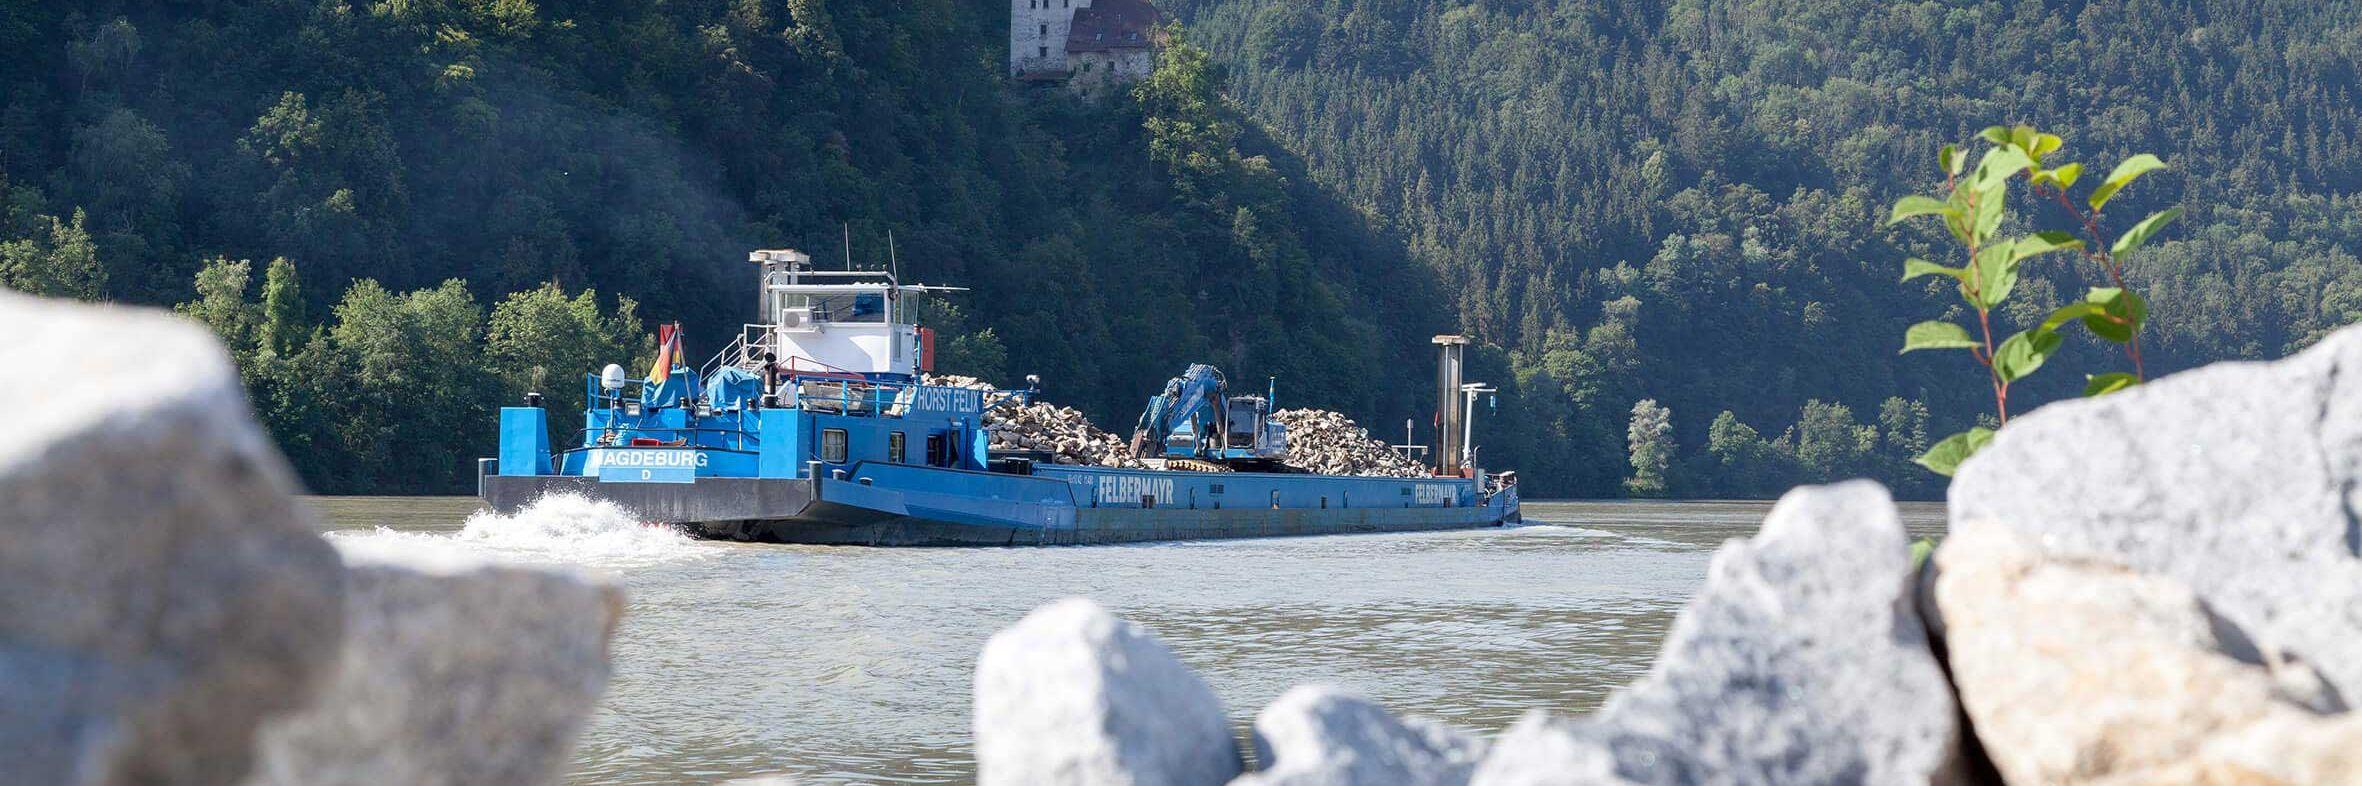 Ufersanierung in Passau Slider